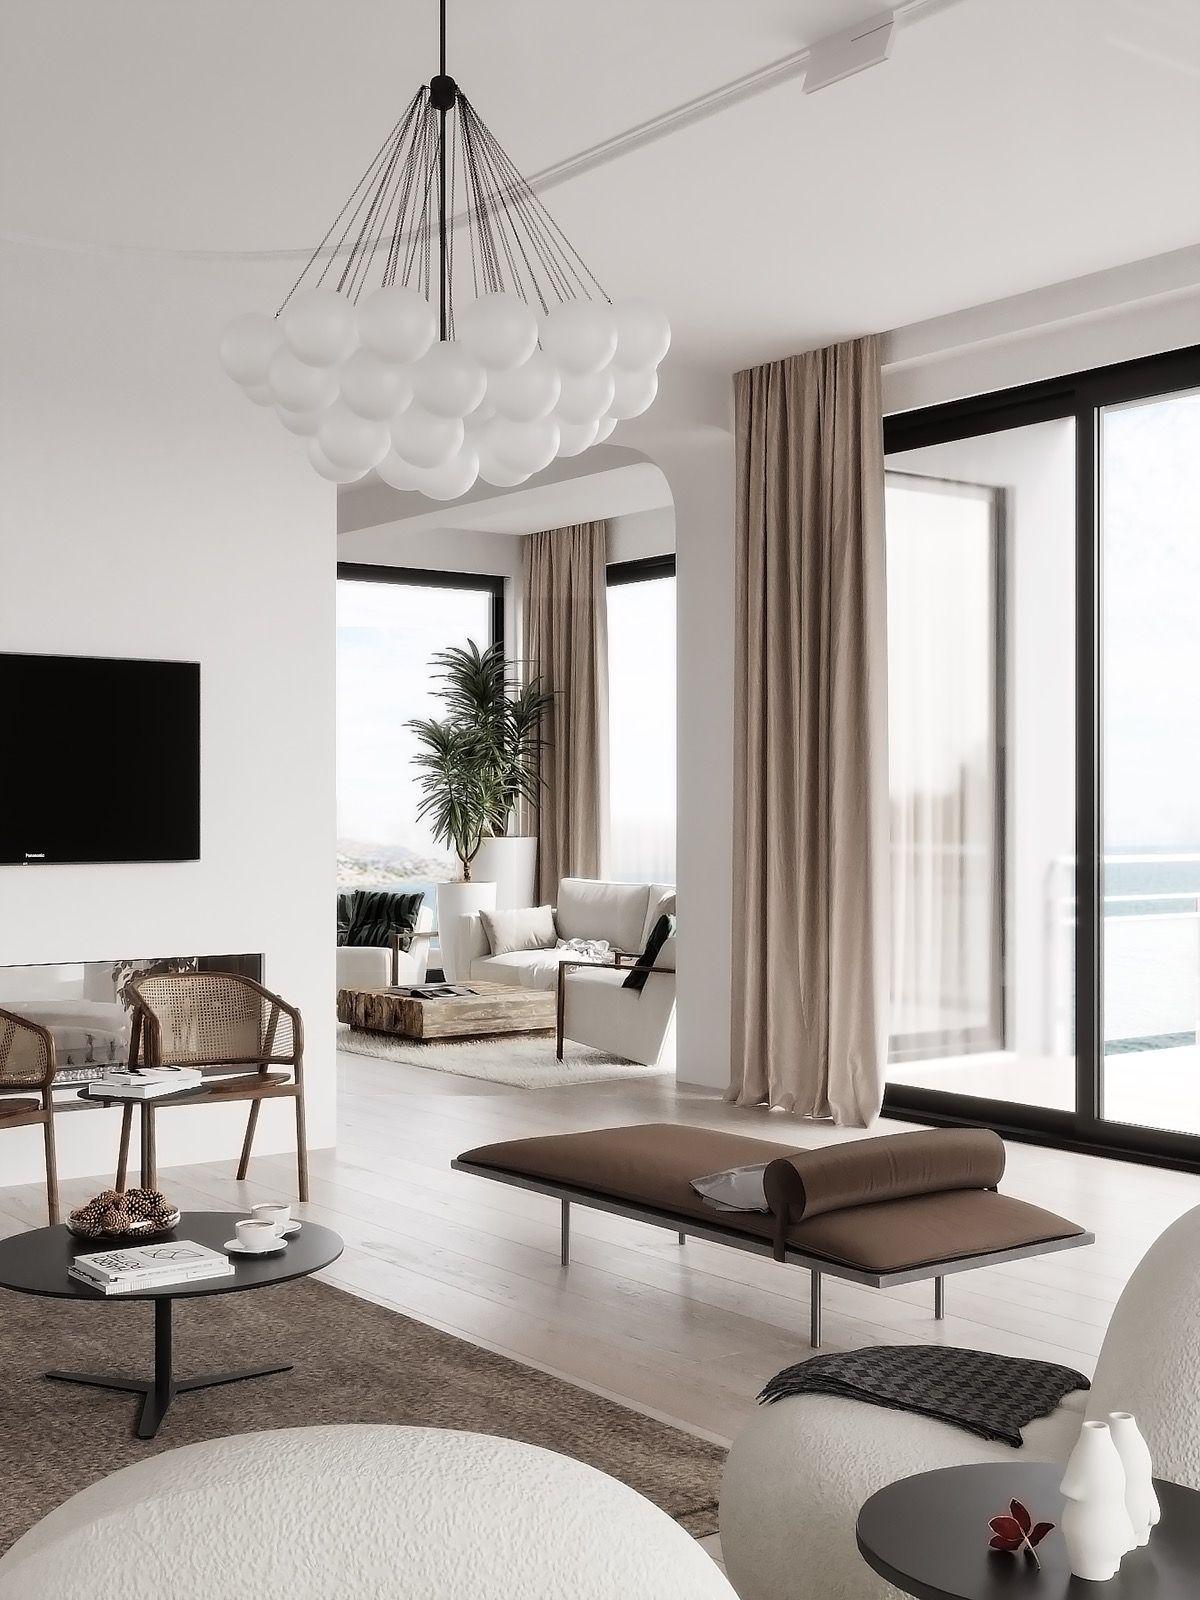 Modern Mediterranean Style Interior Design Hausinterieurs In 2020 Innenarchitektur Wohnzimmer Innenarchitektur Schlafzimmer Design